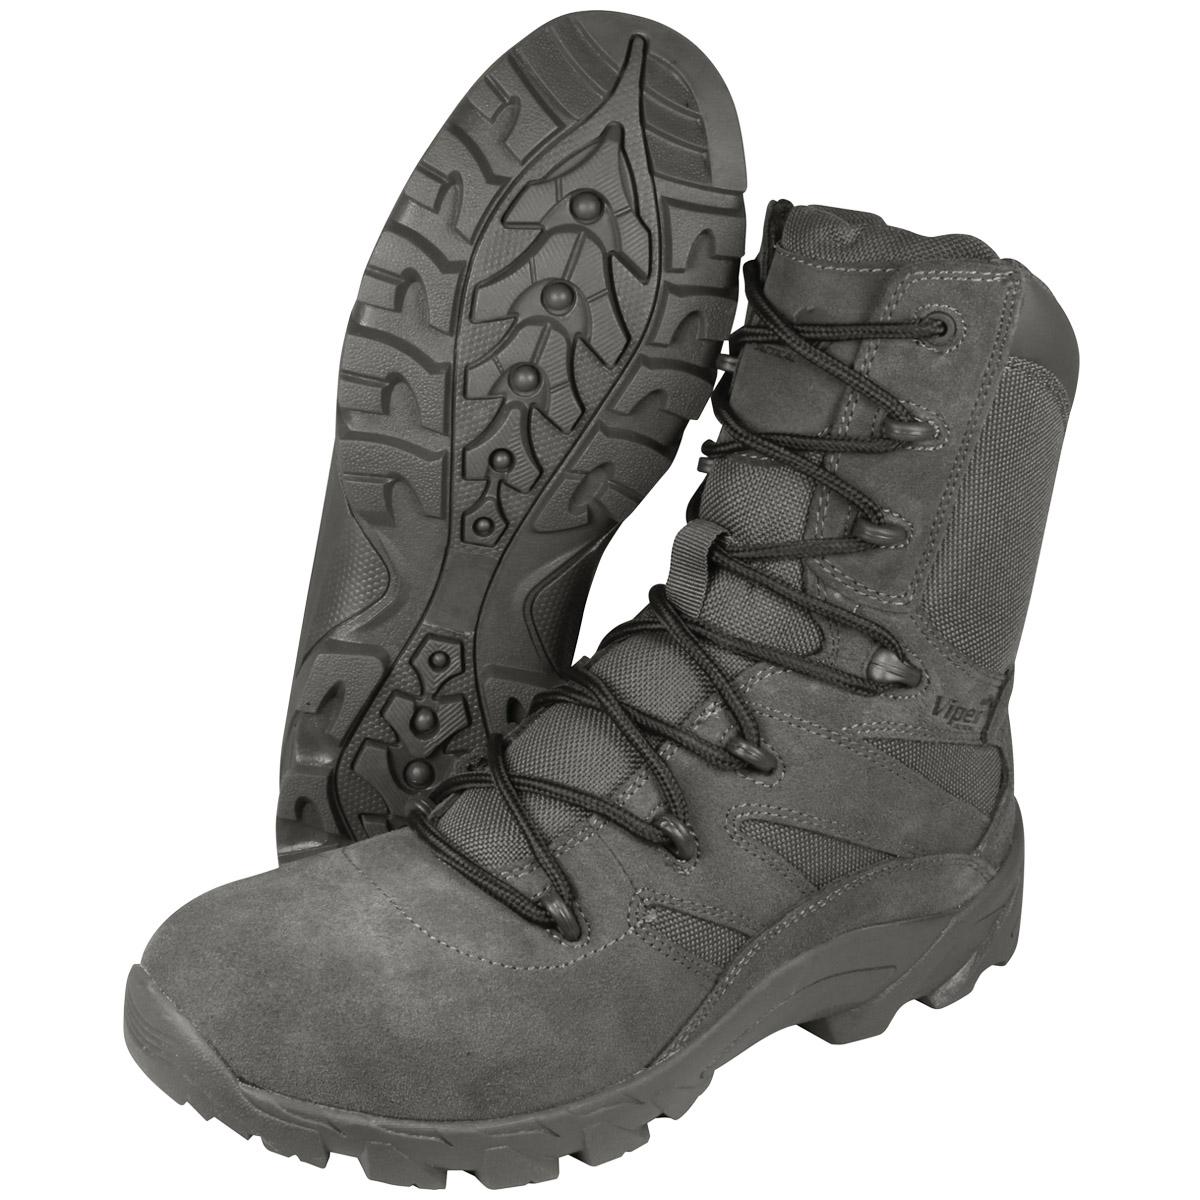 Viper Verdeckt Militär Herren Taktisch Stiefel Armee Militär Verdeckt Schuhwerk Titanium Grau 4d0142